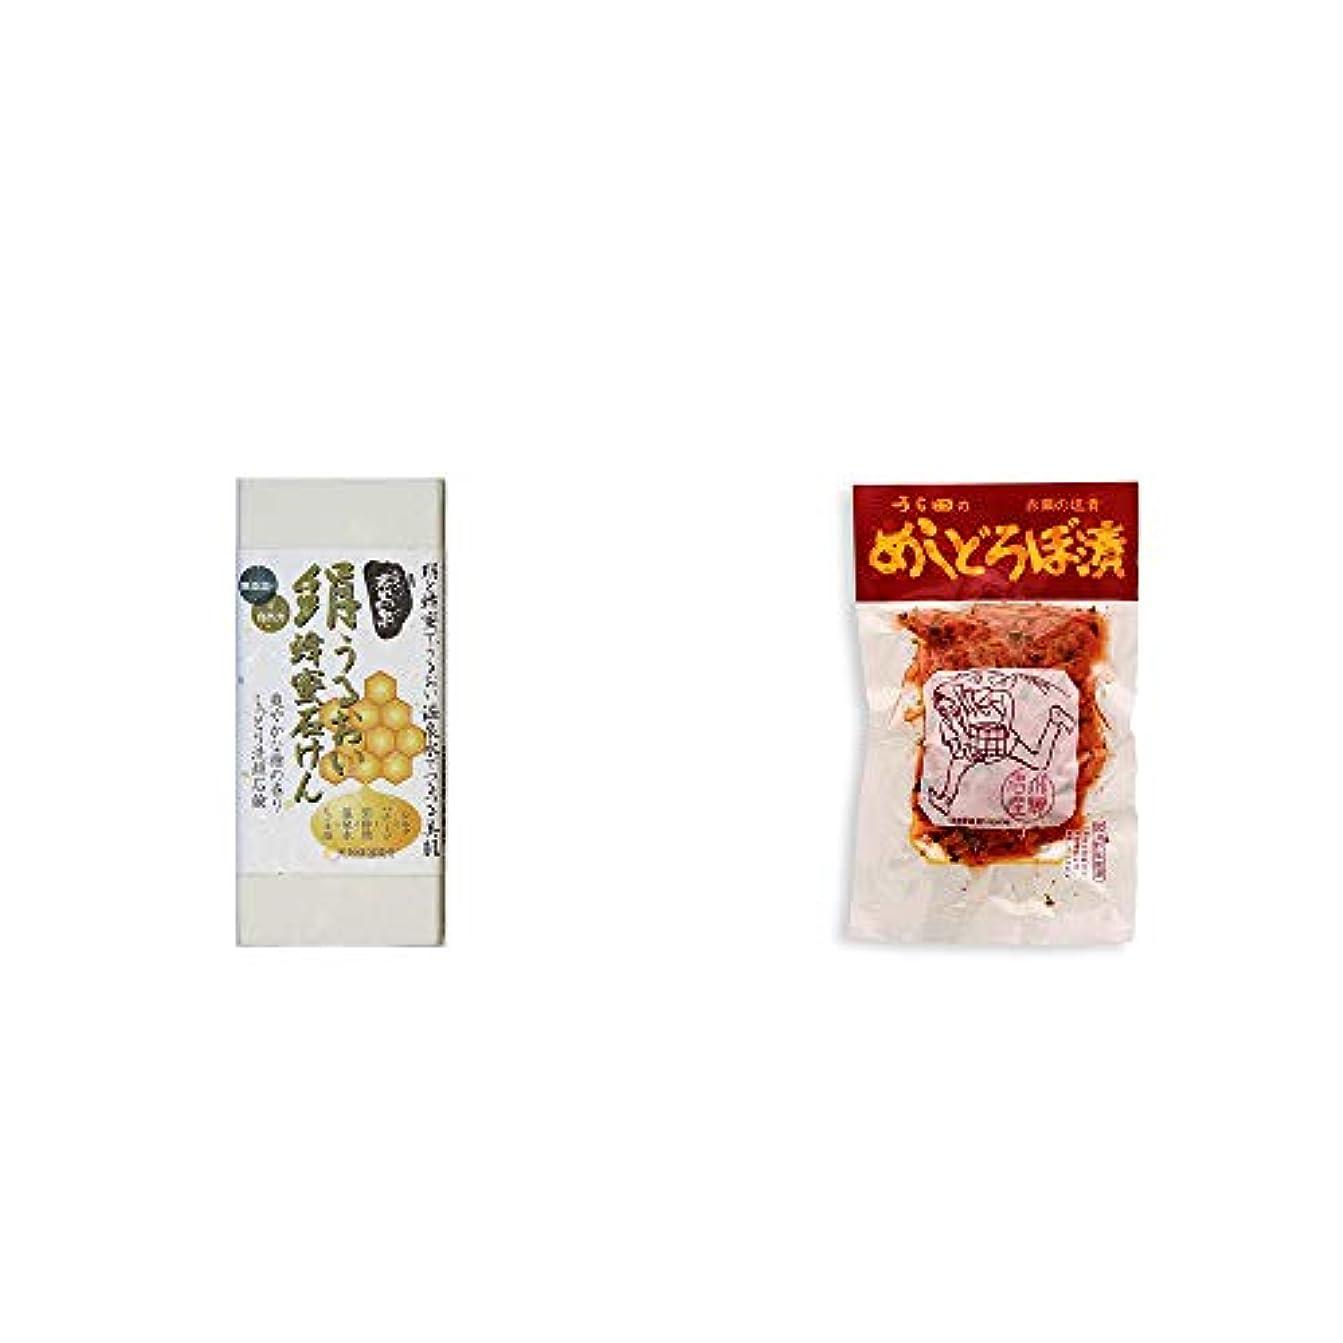 帝国主義かなり有料[2点セット] ひのき炭黒泉 絹うるおい蜂蜜石けん(75g×2)?うら田 めしどろぼ漬(180g)